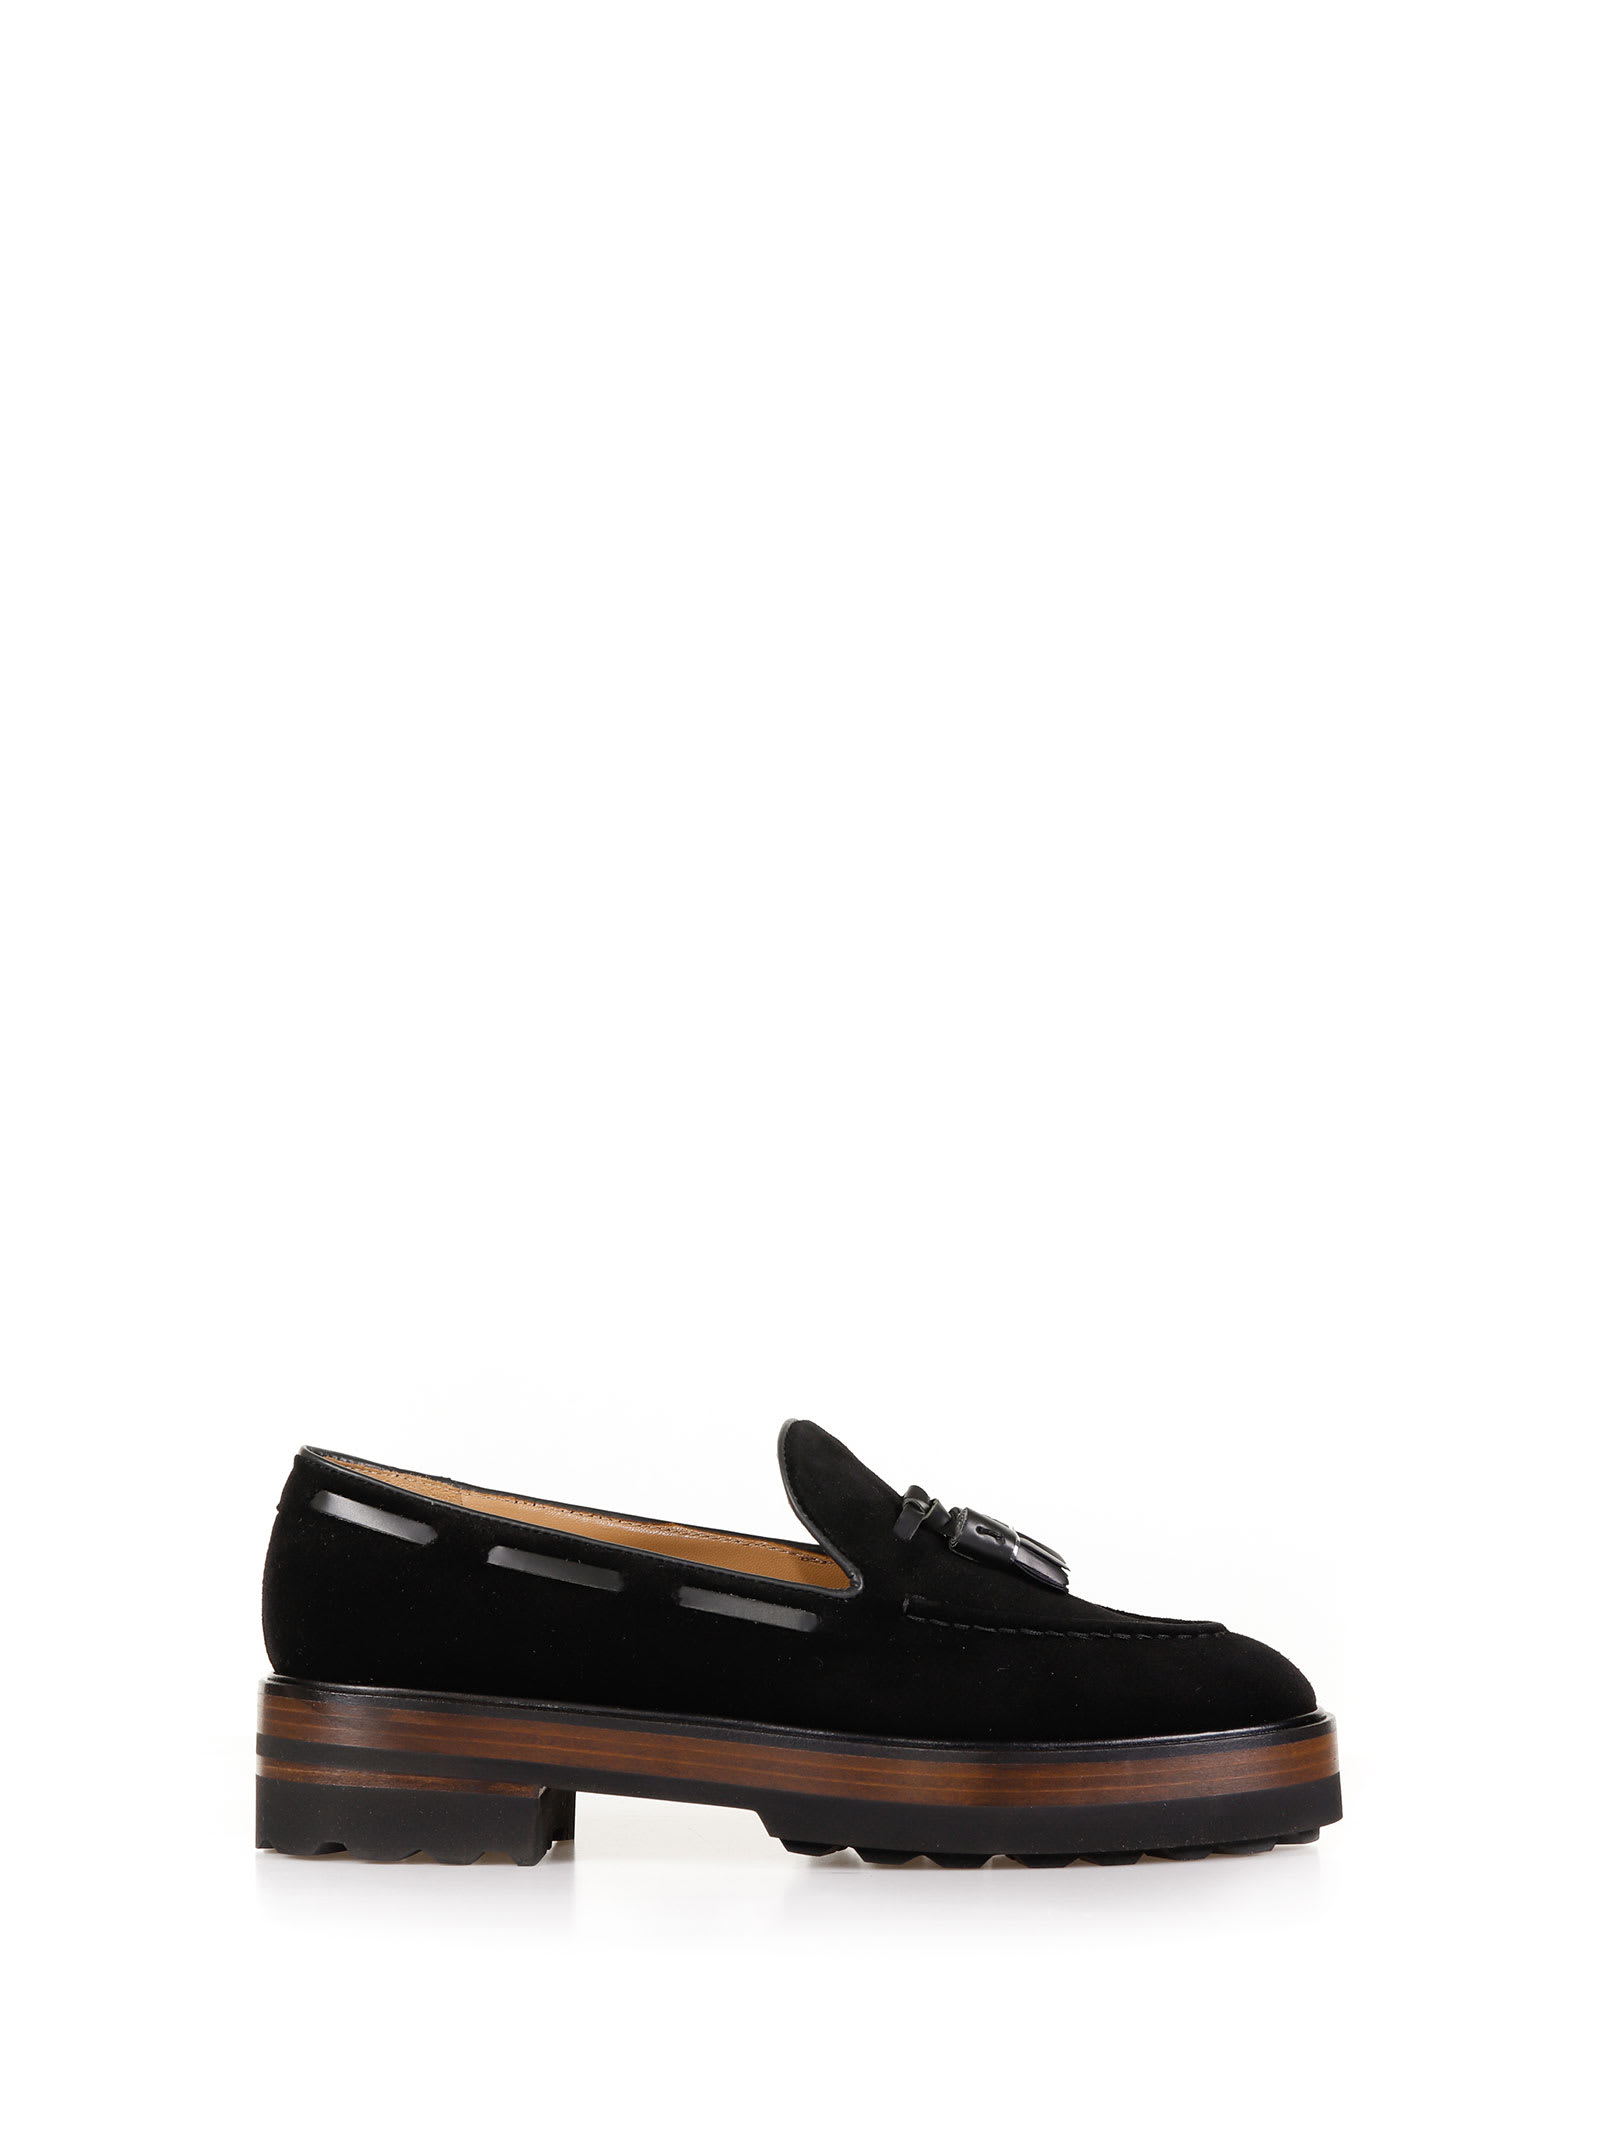 Platform Loafer With Tassels